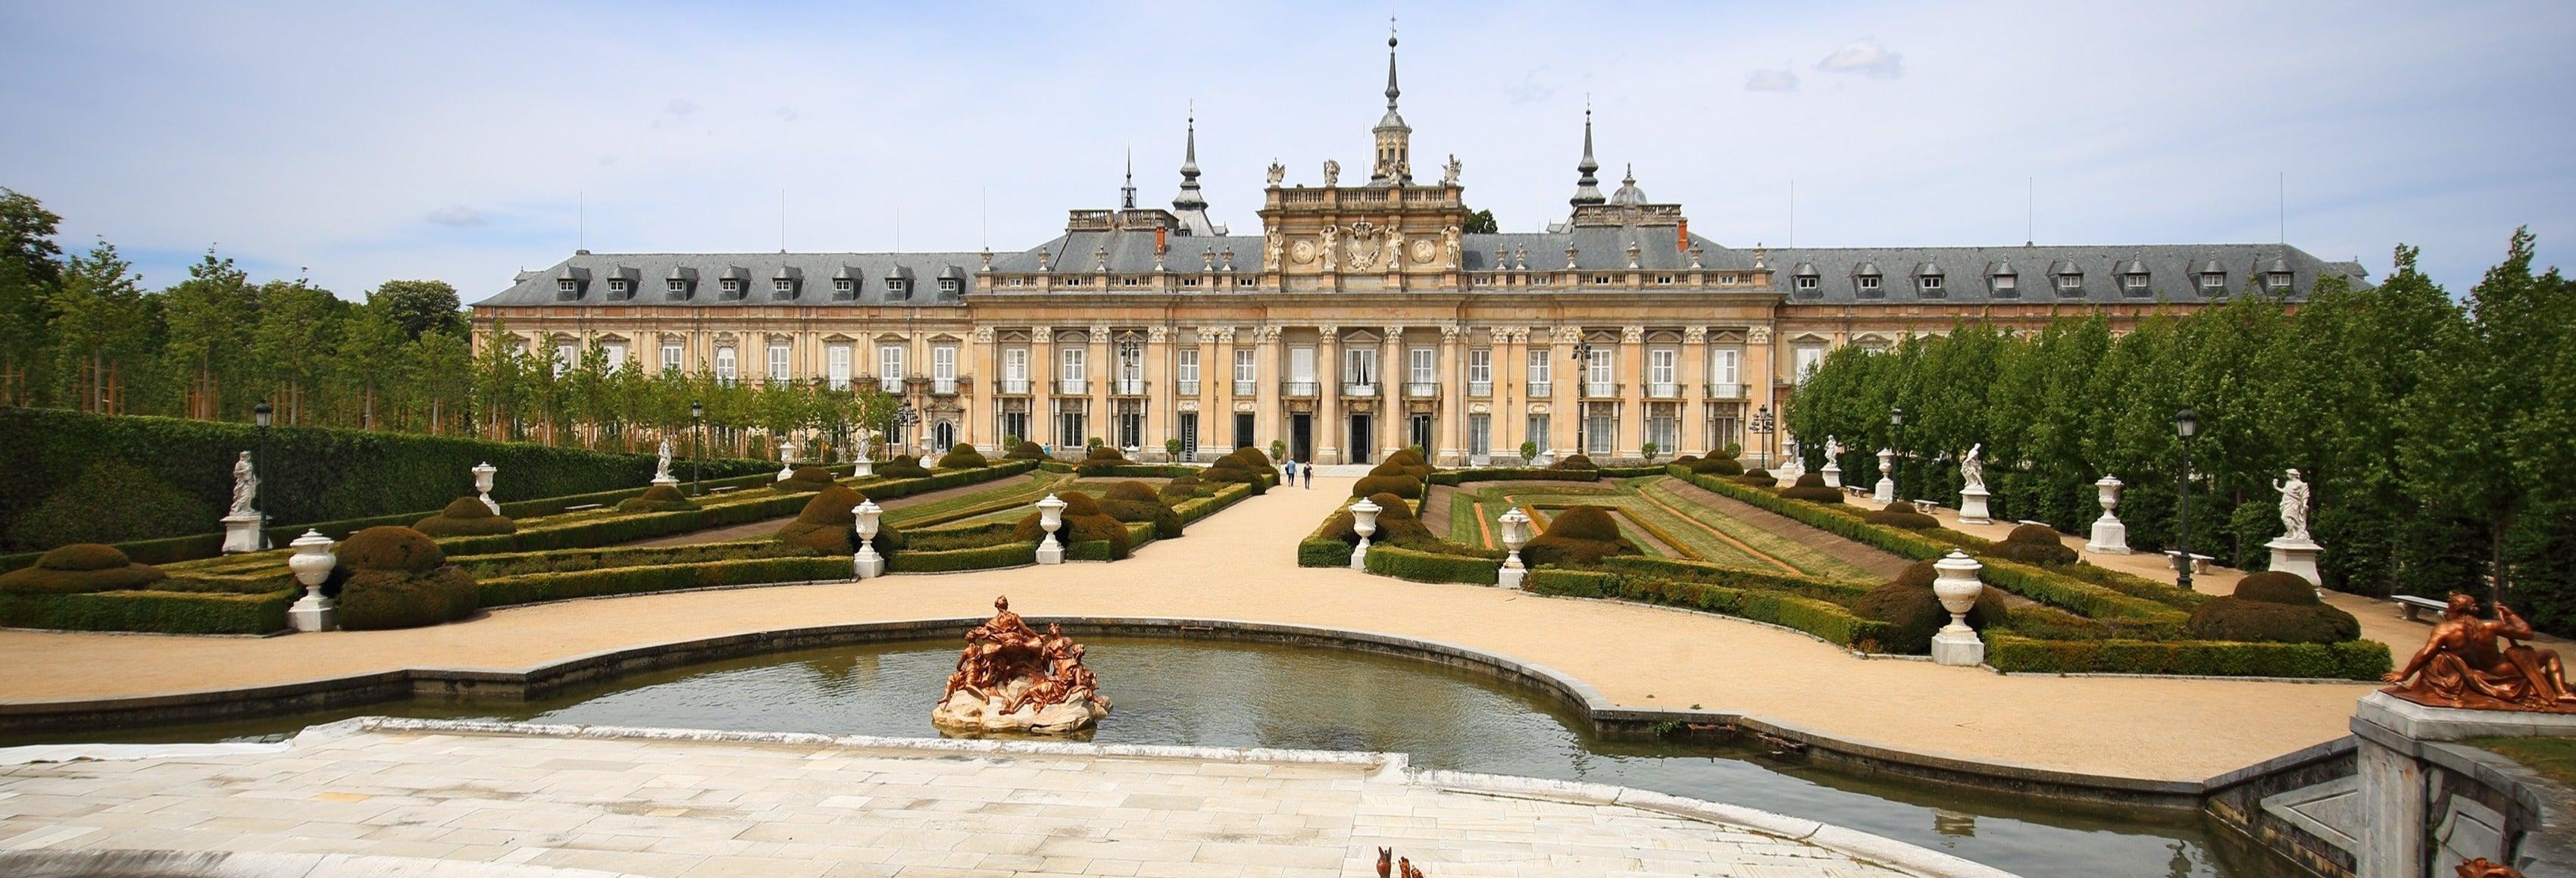 Visita guiada pelo Palácio Real de La Granja e seus jardins